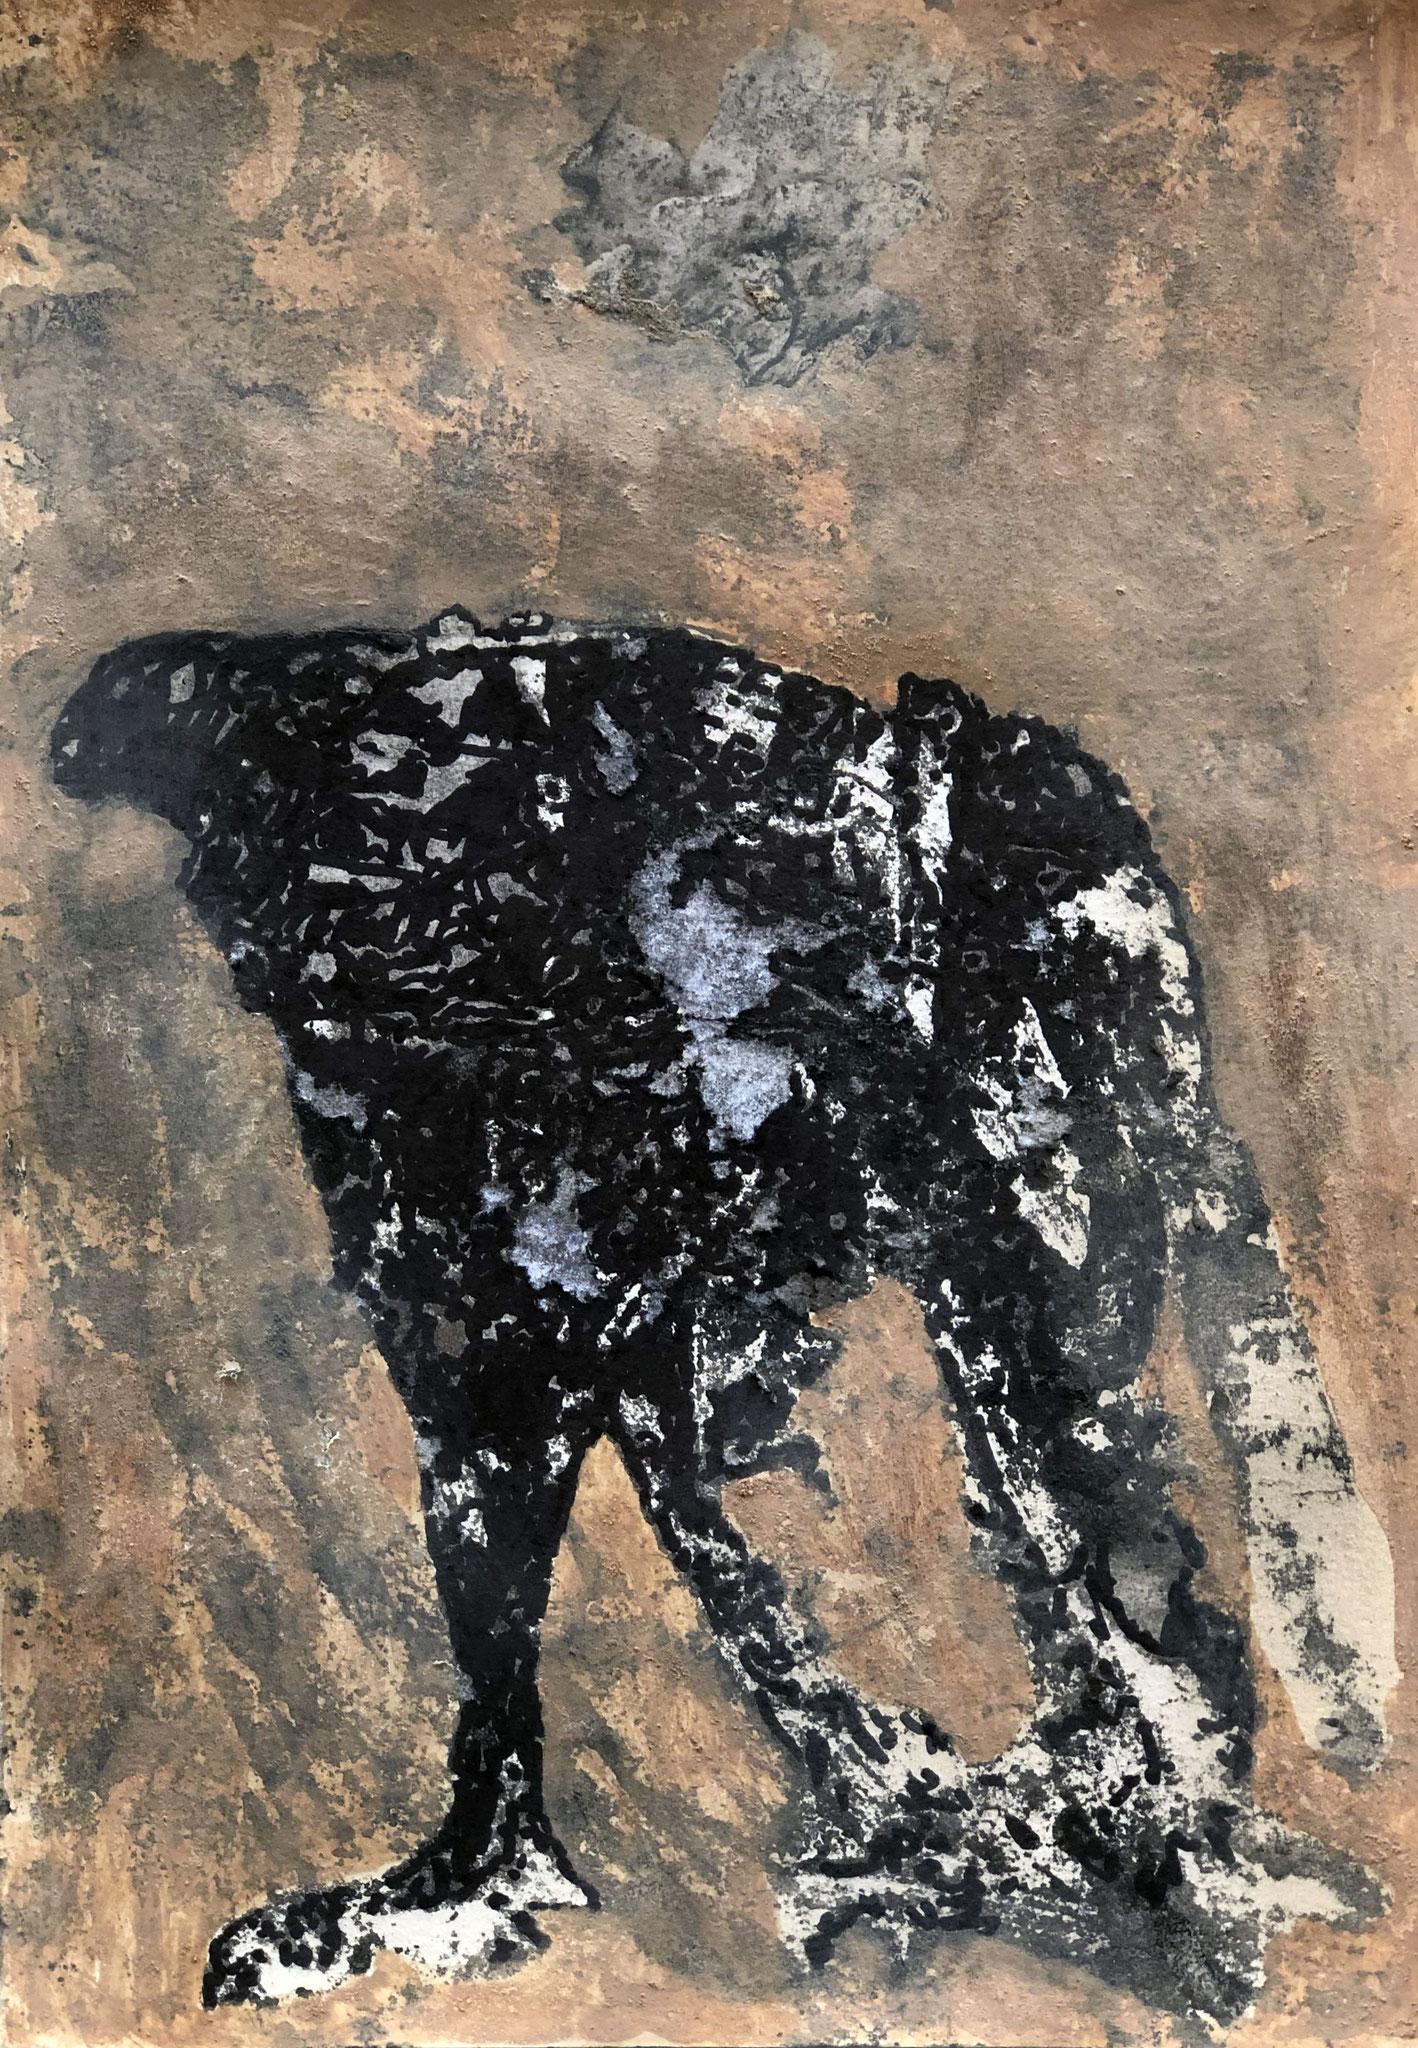 EL CHAPARRAL          Erden, Tintensekret vom Kalmar und Olivensaft auf Papier - 29 x 21 cm